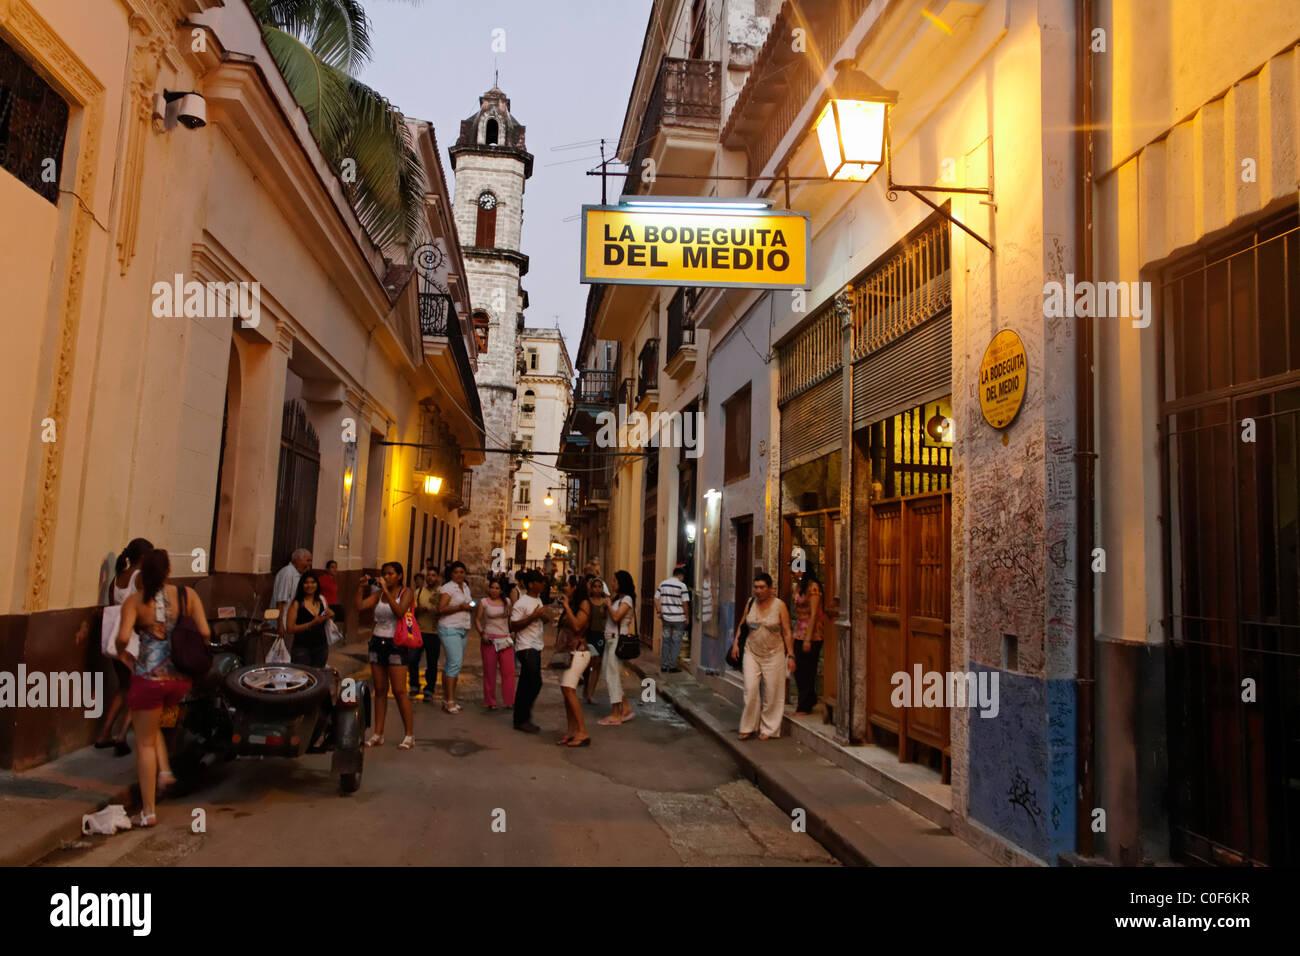 La Bodeguita del Medio, Havanna Viejo, Hemingways Bar in Havanna, Cuba,  Stock Foto